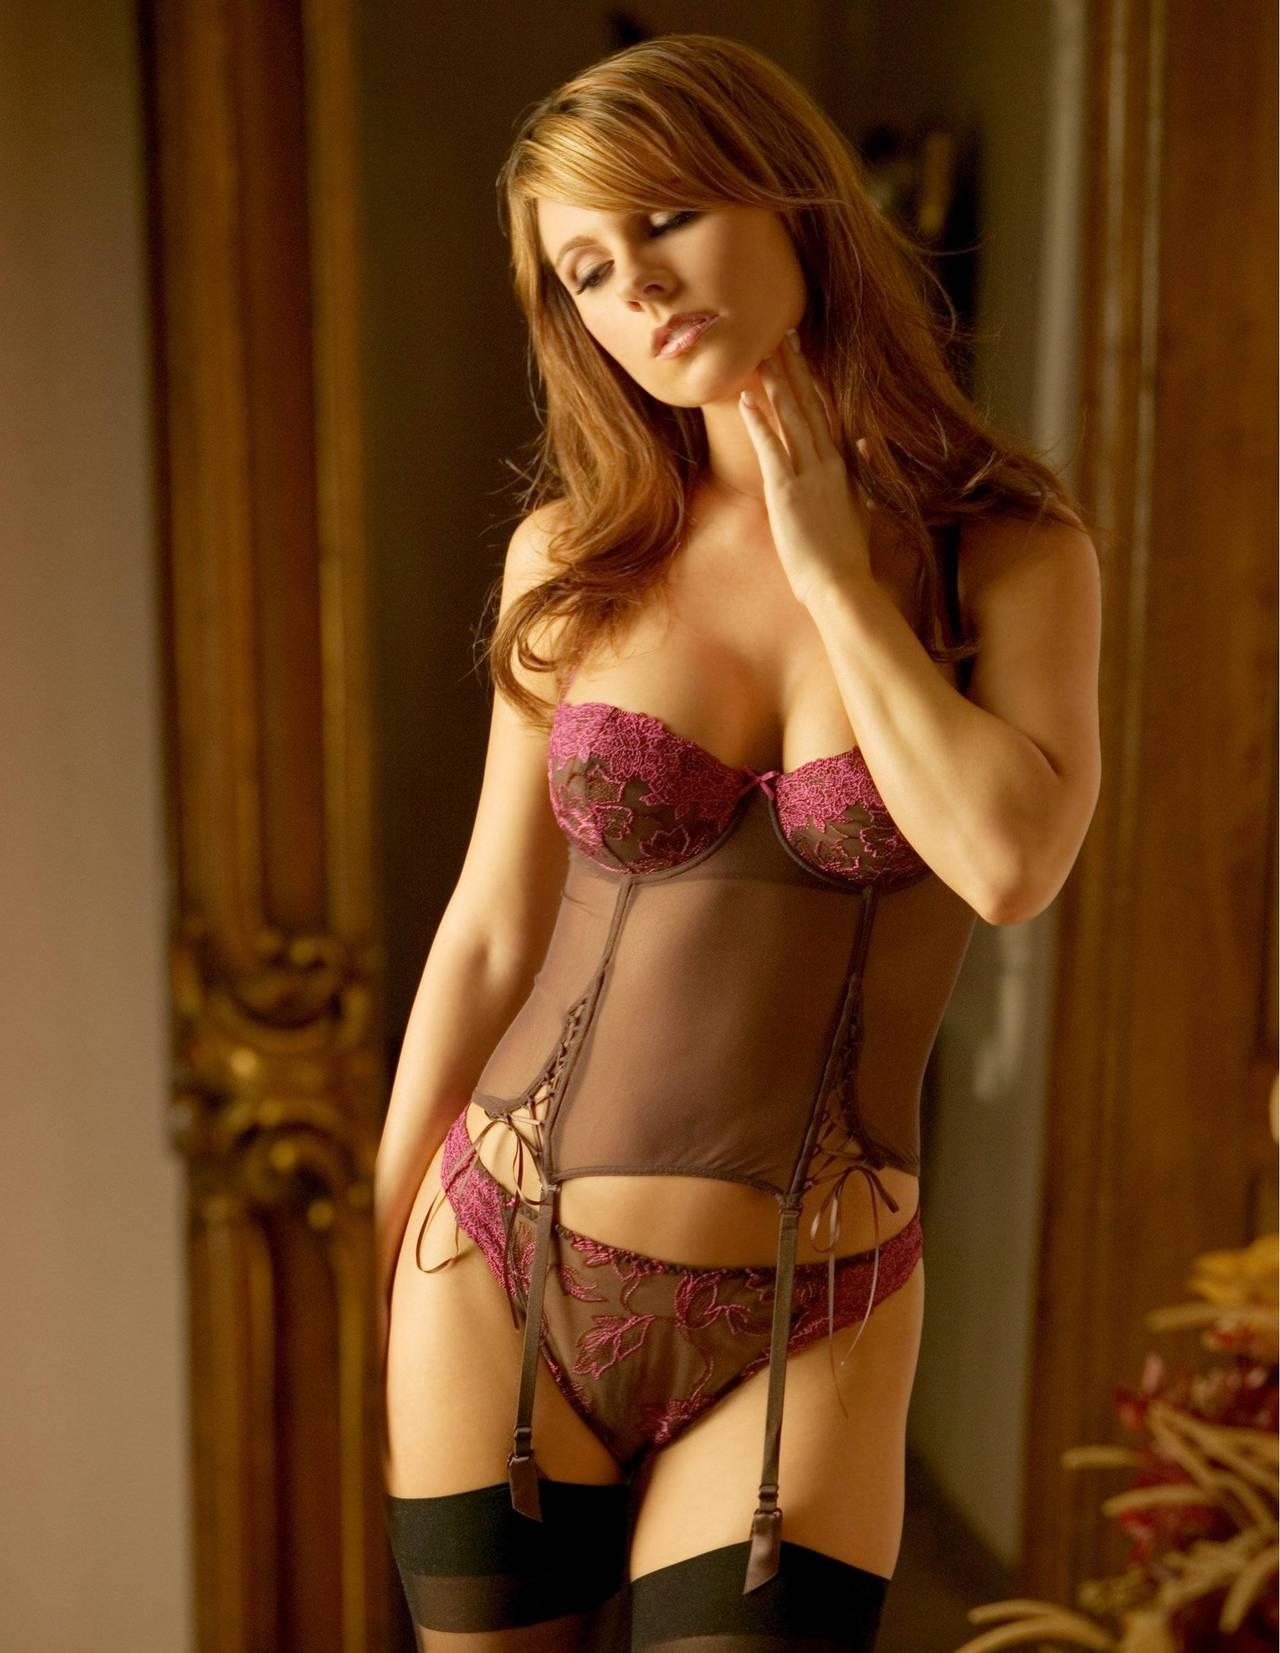 Valerie Baber in lingerie